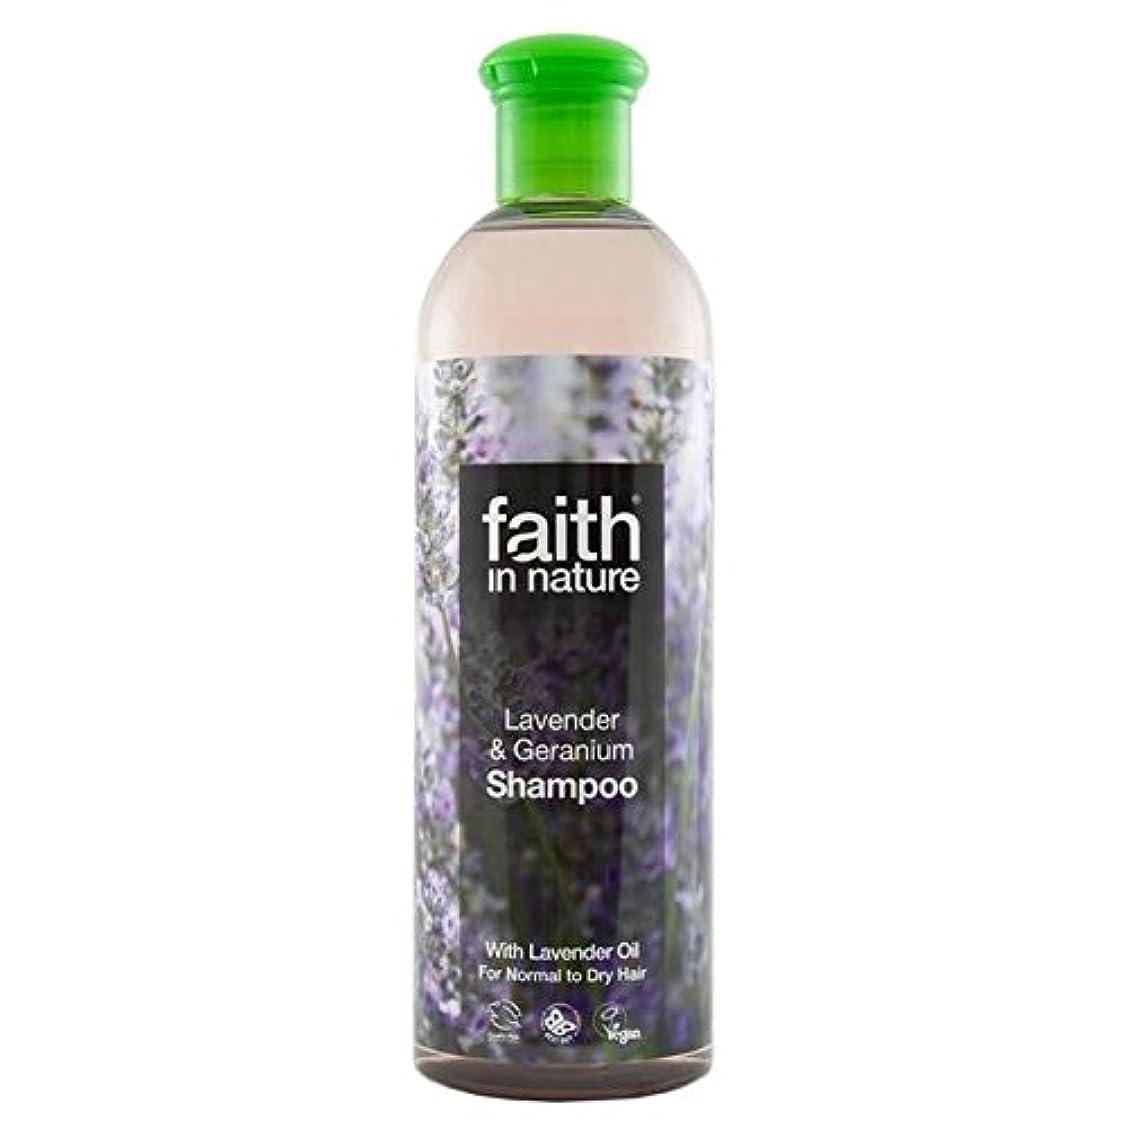 無知寛大な排泄するFaith in Nature Lavender & Geranium Shampoo 740ml (Pack of 2) - (Faith In Nature) 自然ラベンダー&ゼラニウムのシャンプー740ミリリットルの信仰 (x2) [並行輸入品]